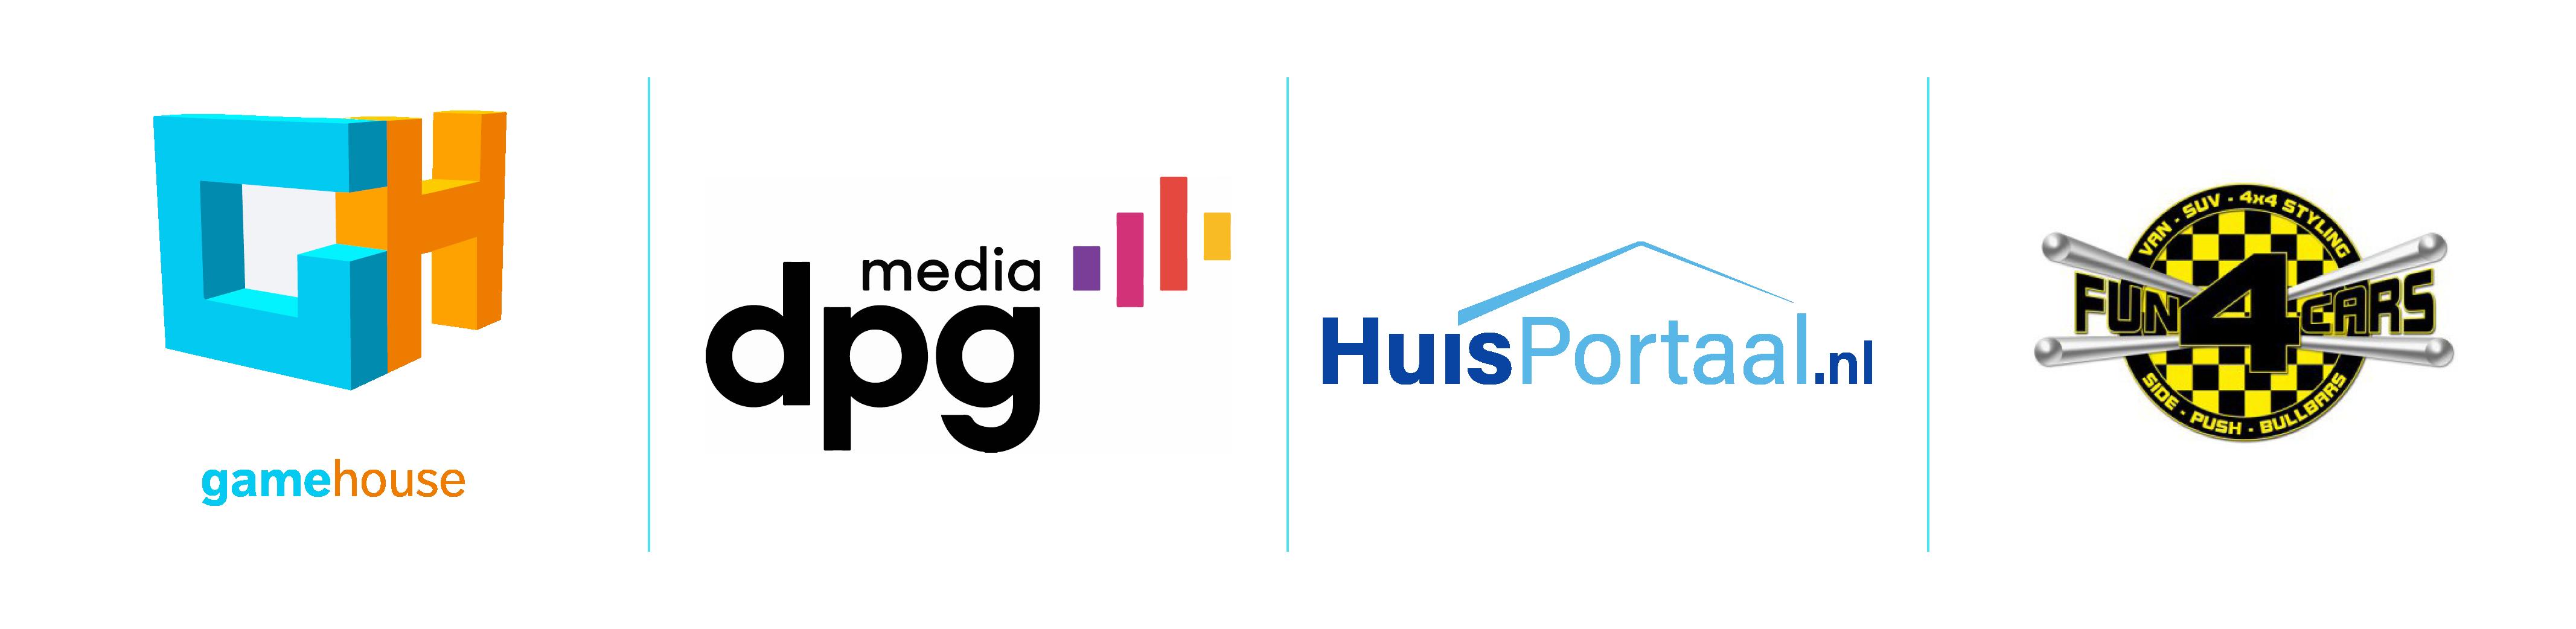 Voor deze bedrijven heb ik directe verkoop gerealiseerd. gamehouse | dpg media | HuisPortaal.nl | Fun4Cars